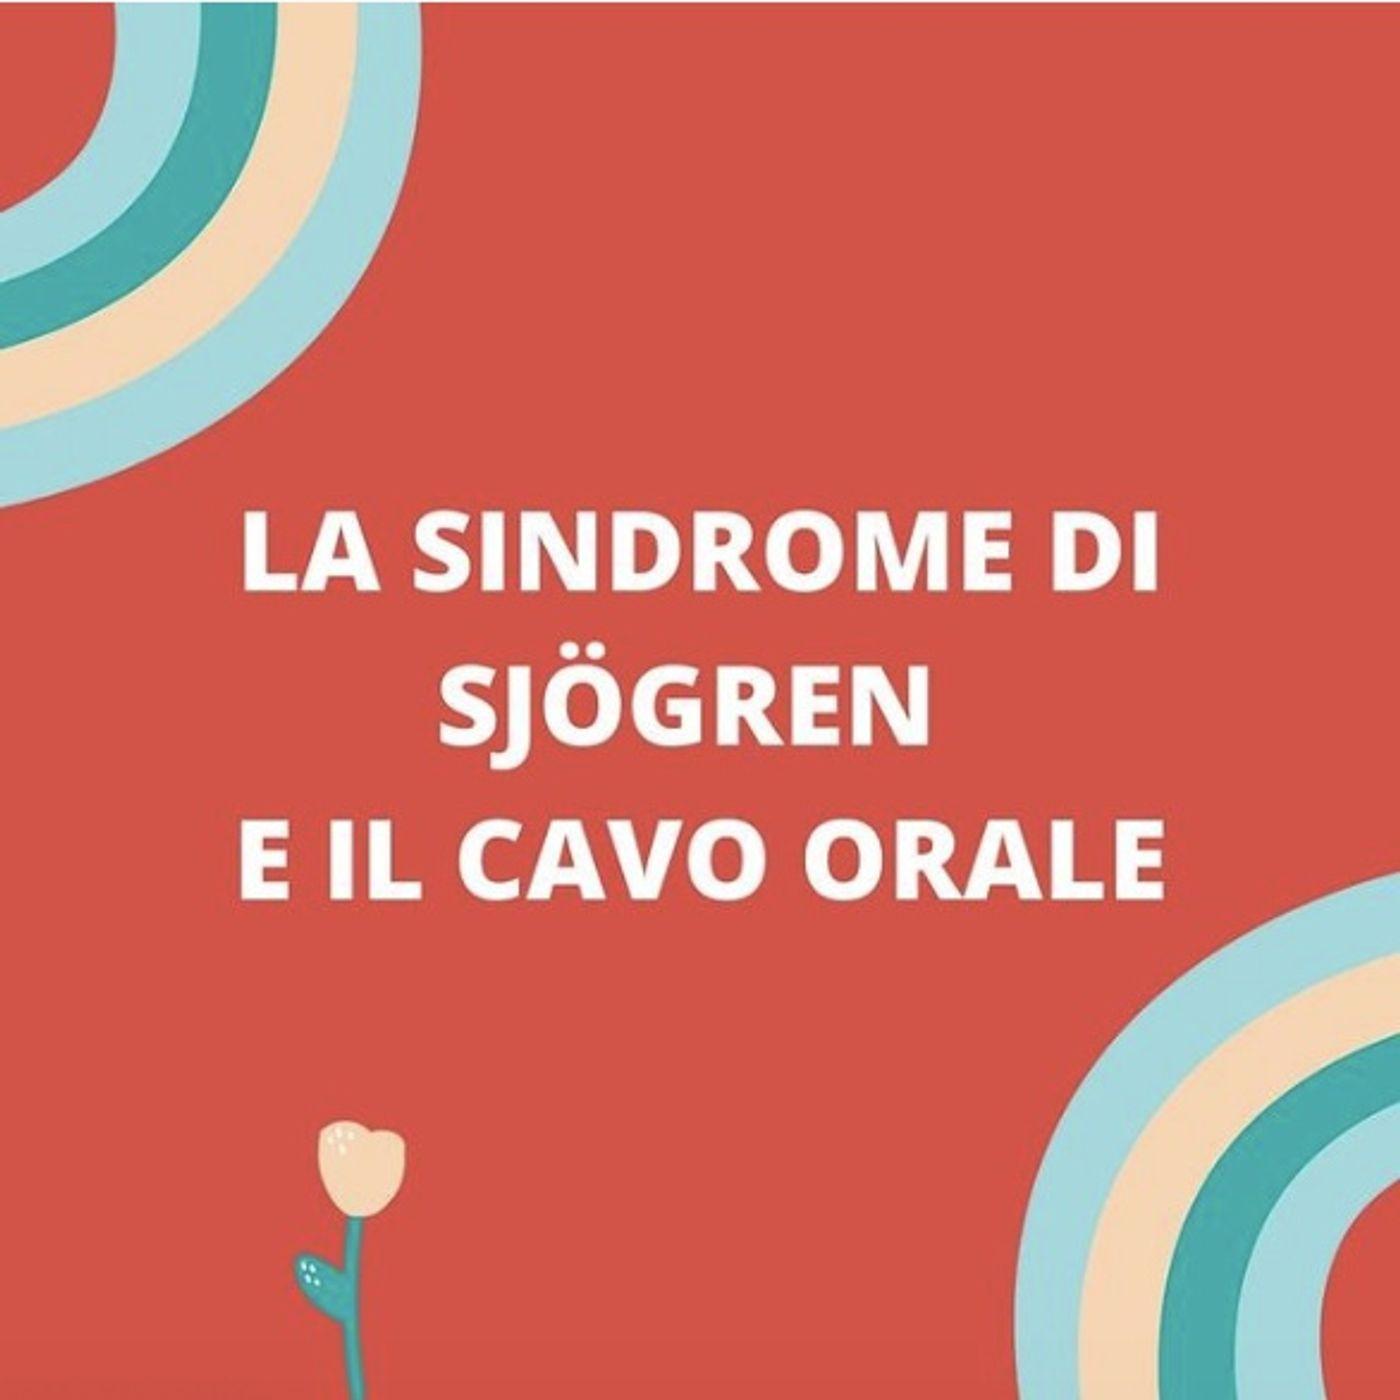 [Aggiornamento] La Sindrome di Sjögren e il cavo orale - Dott.ssa Gaia Magliano